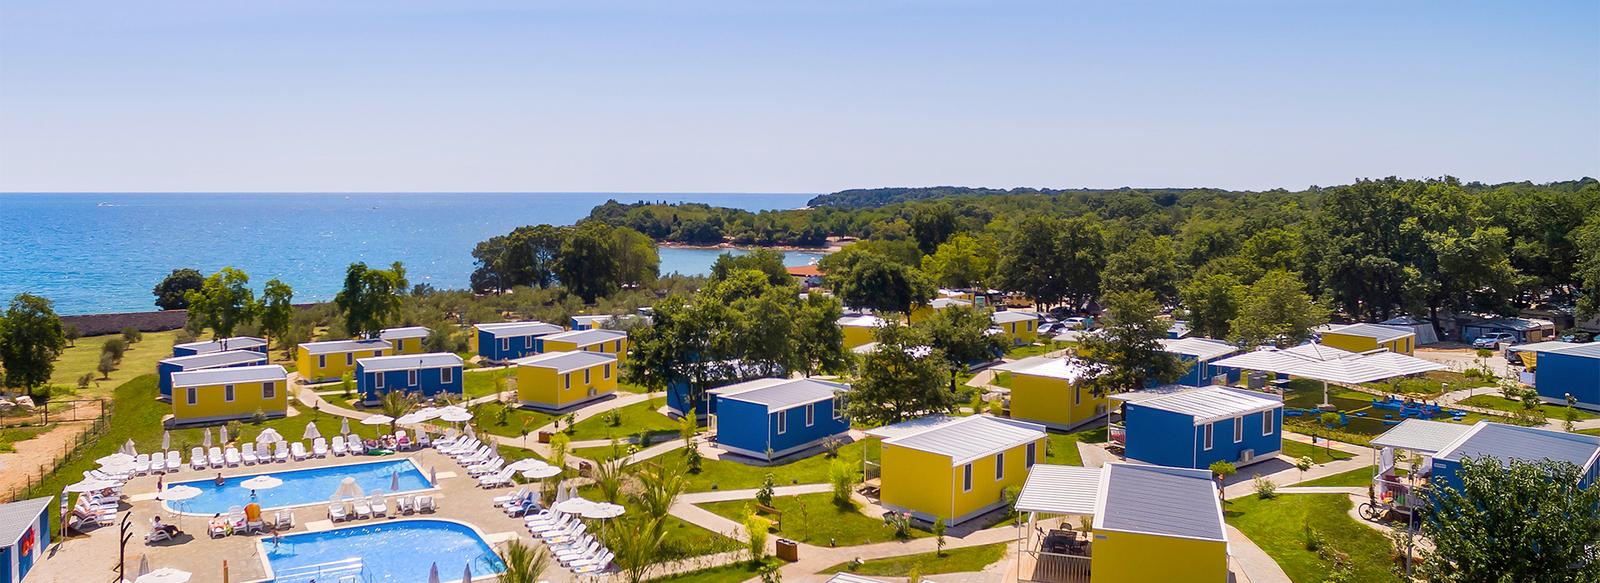 Camping village, family park, eco-resort in Italia e Croazia